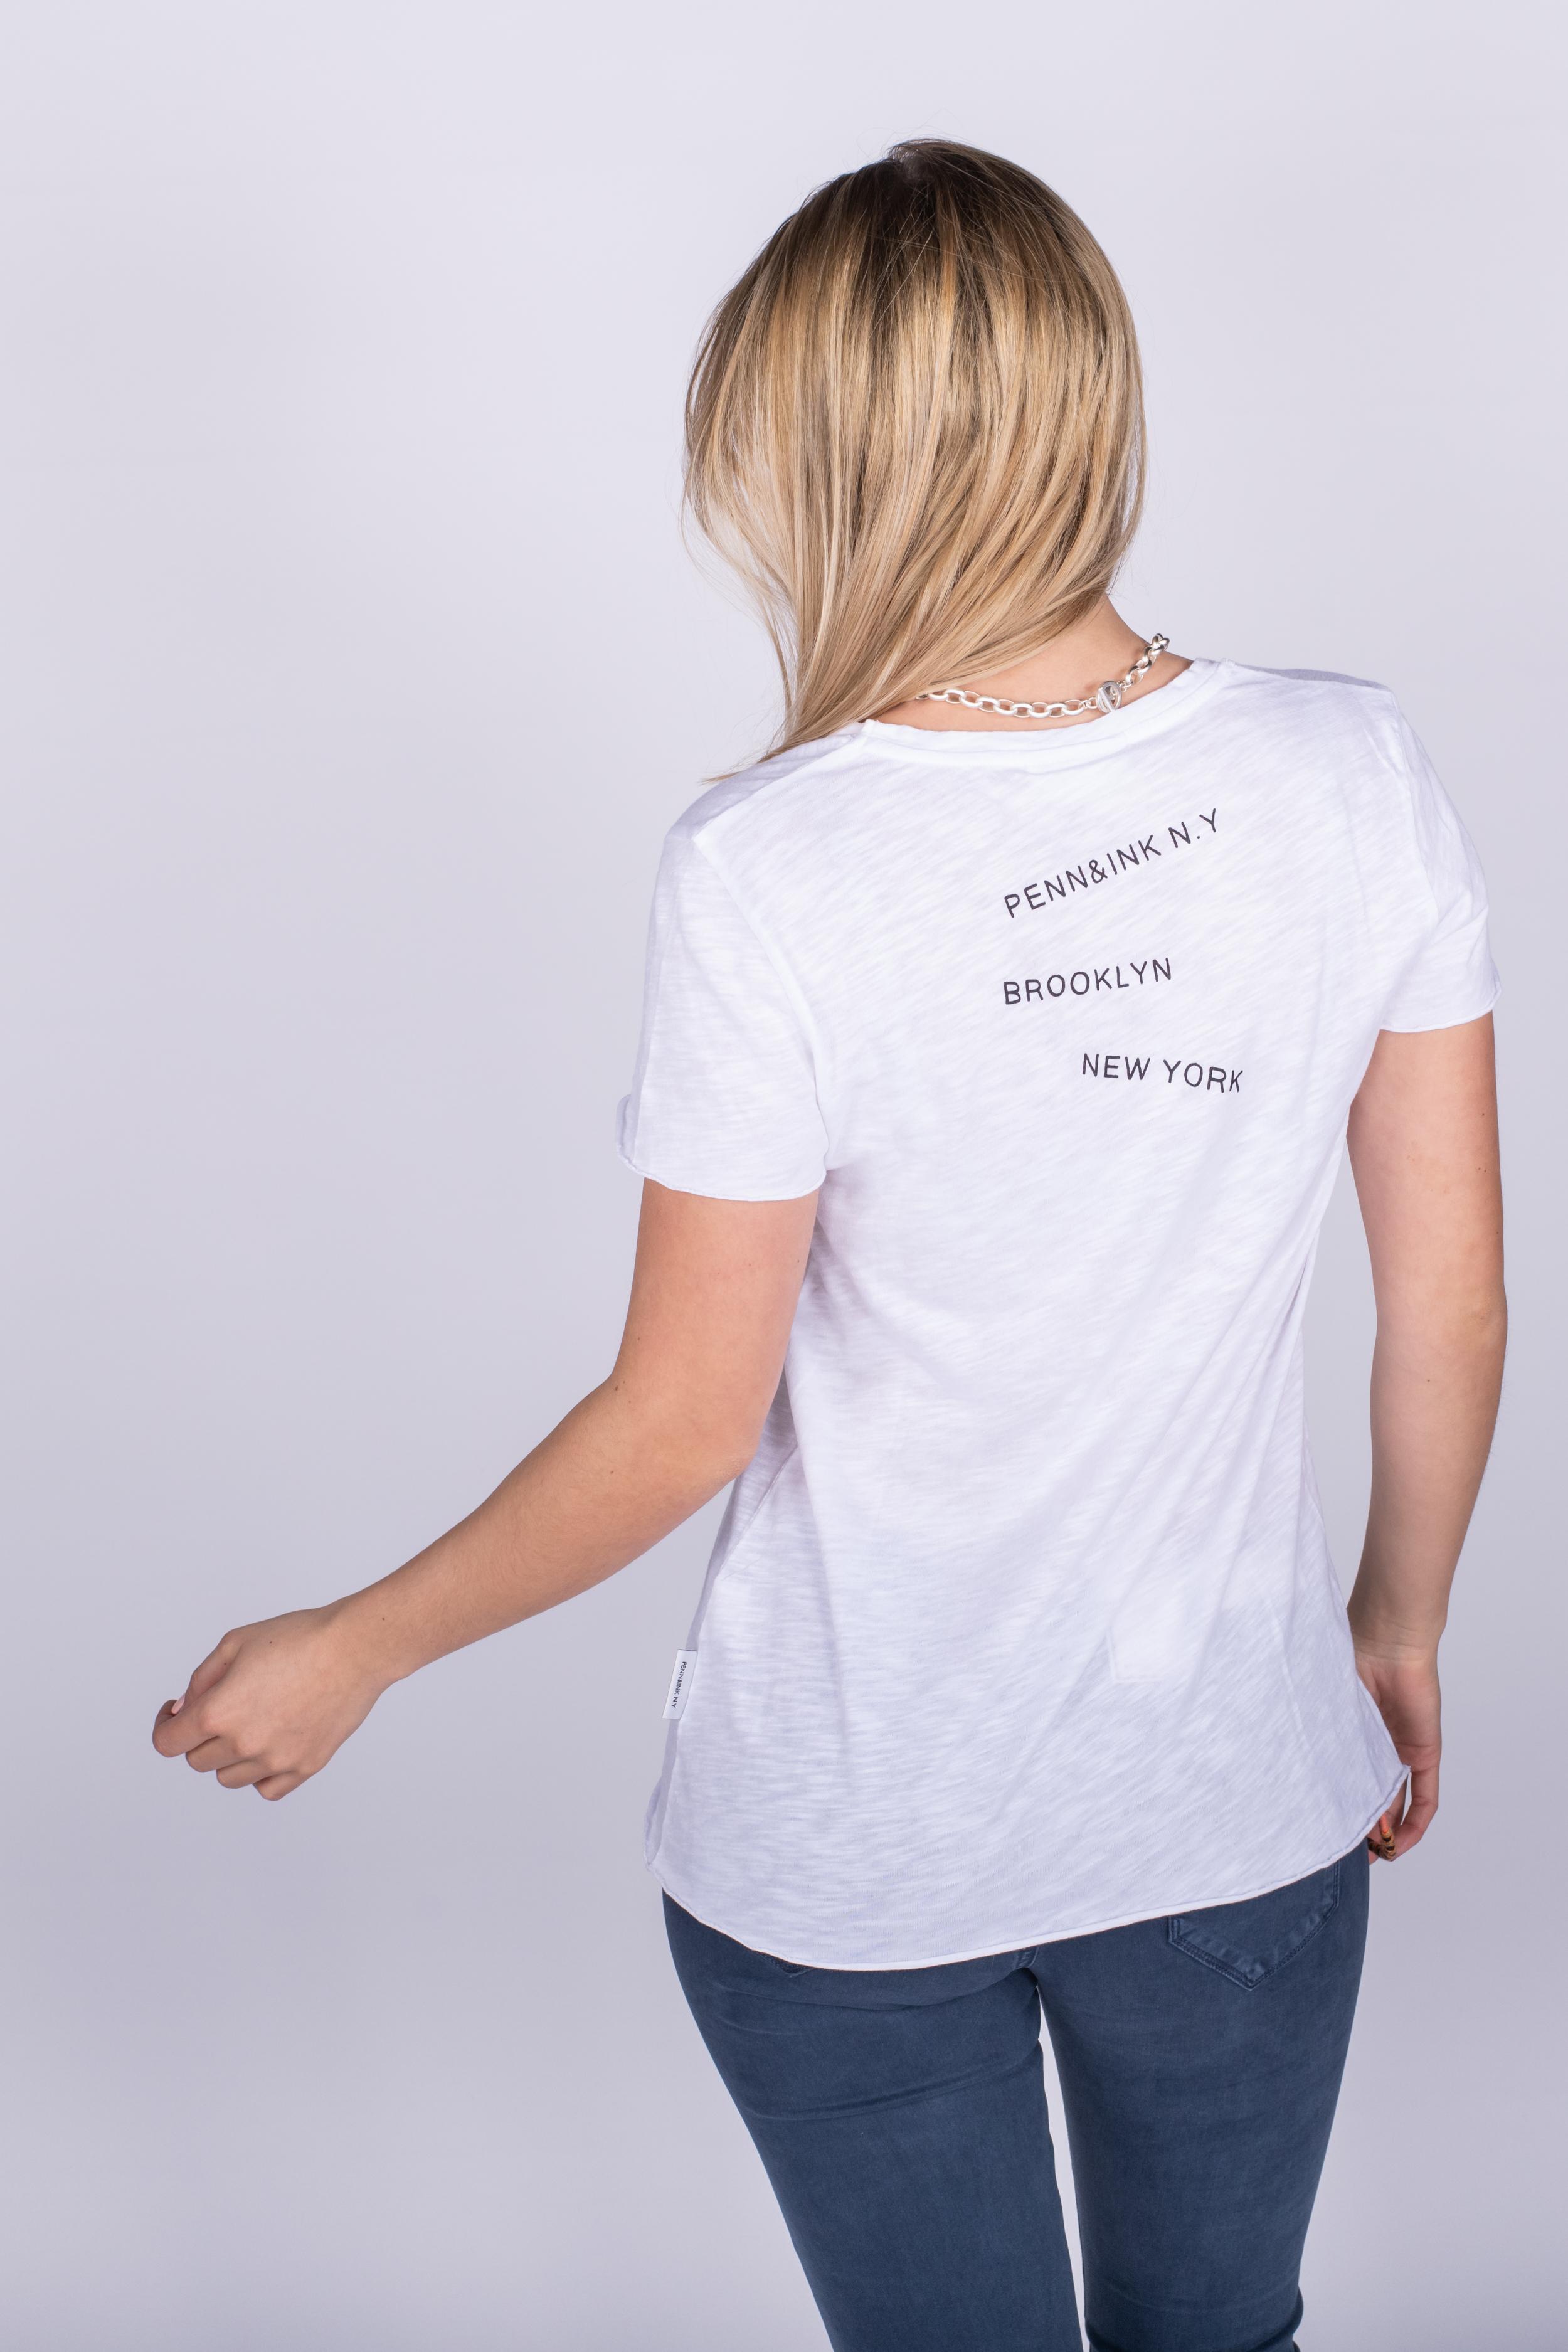 T-Shirt white - Penn&Ink